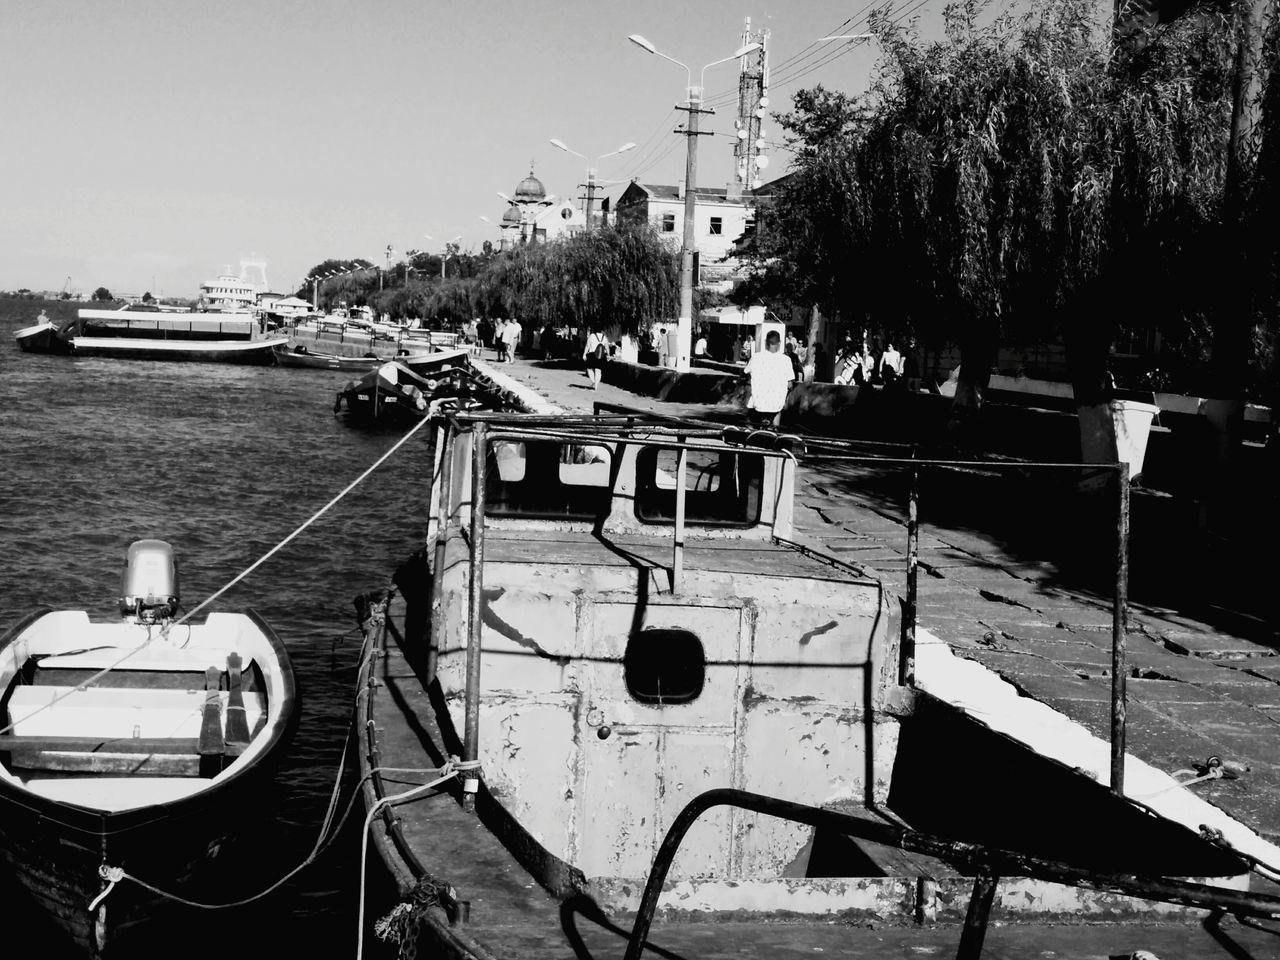 DanubeDelta Boat